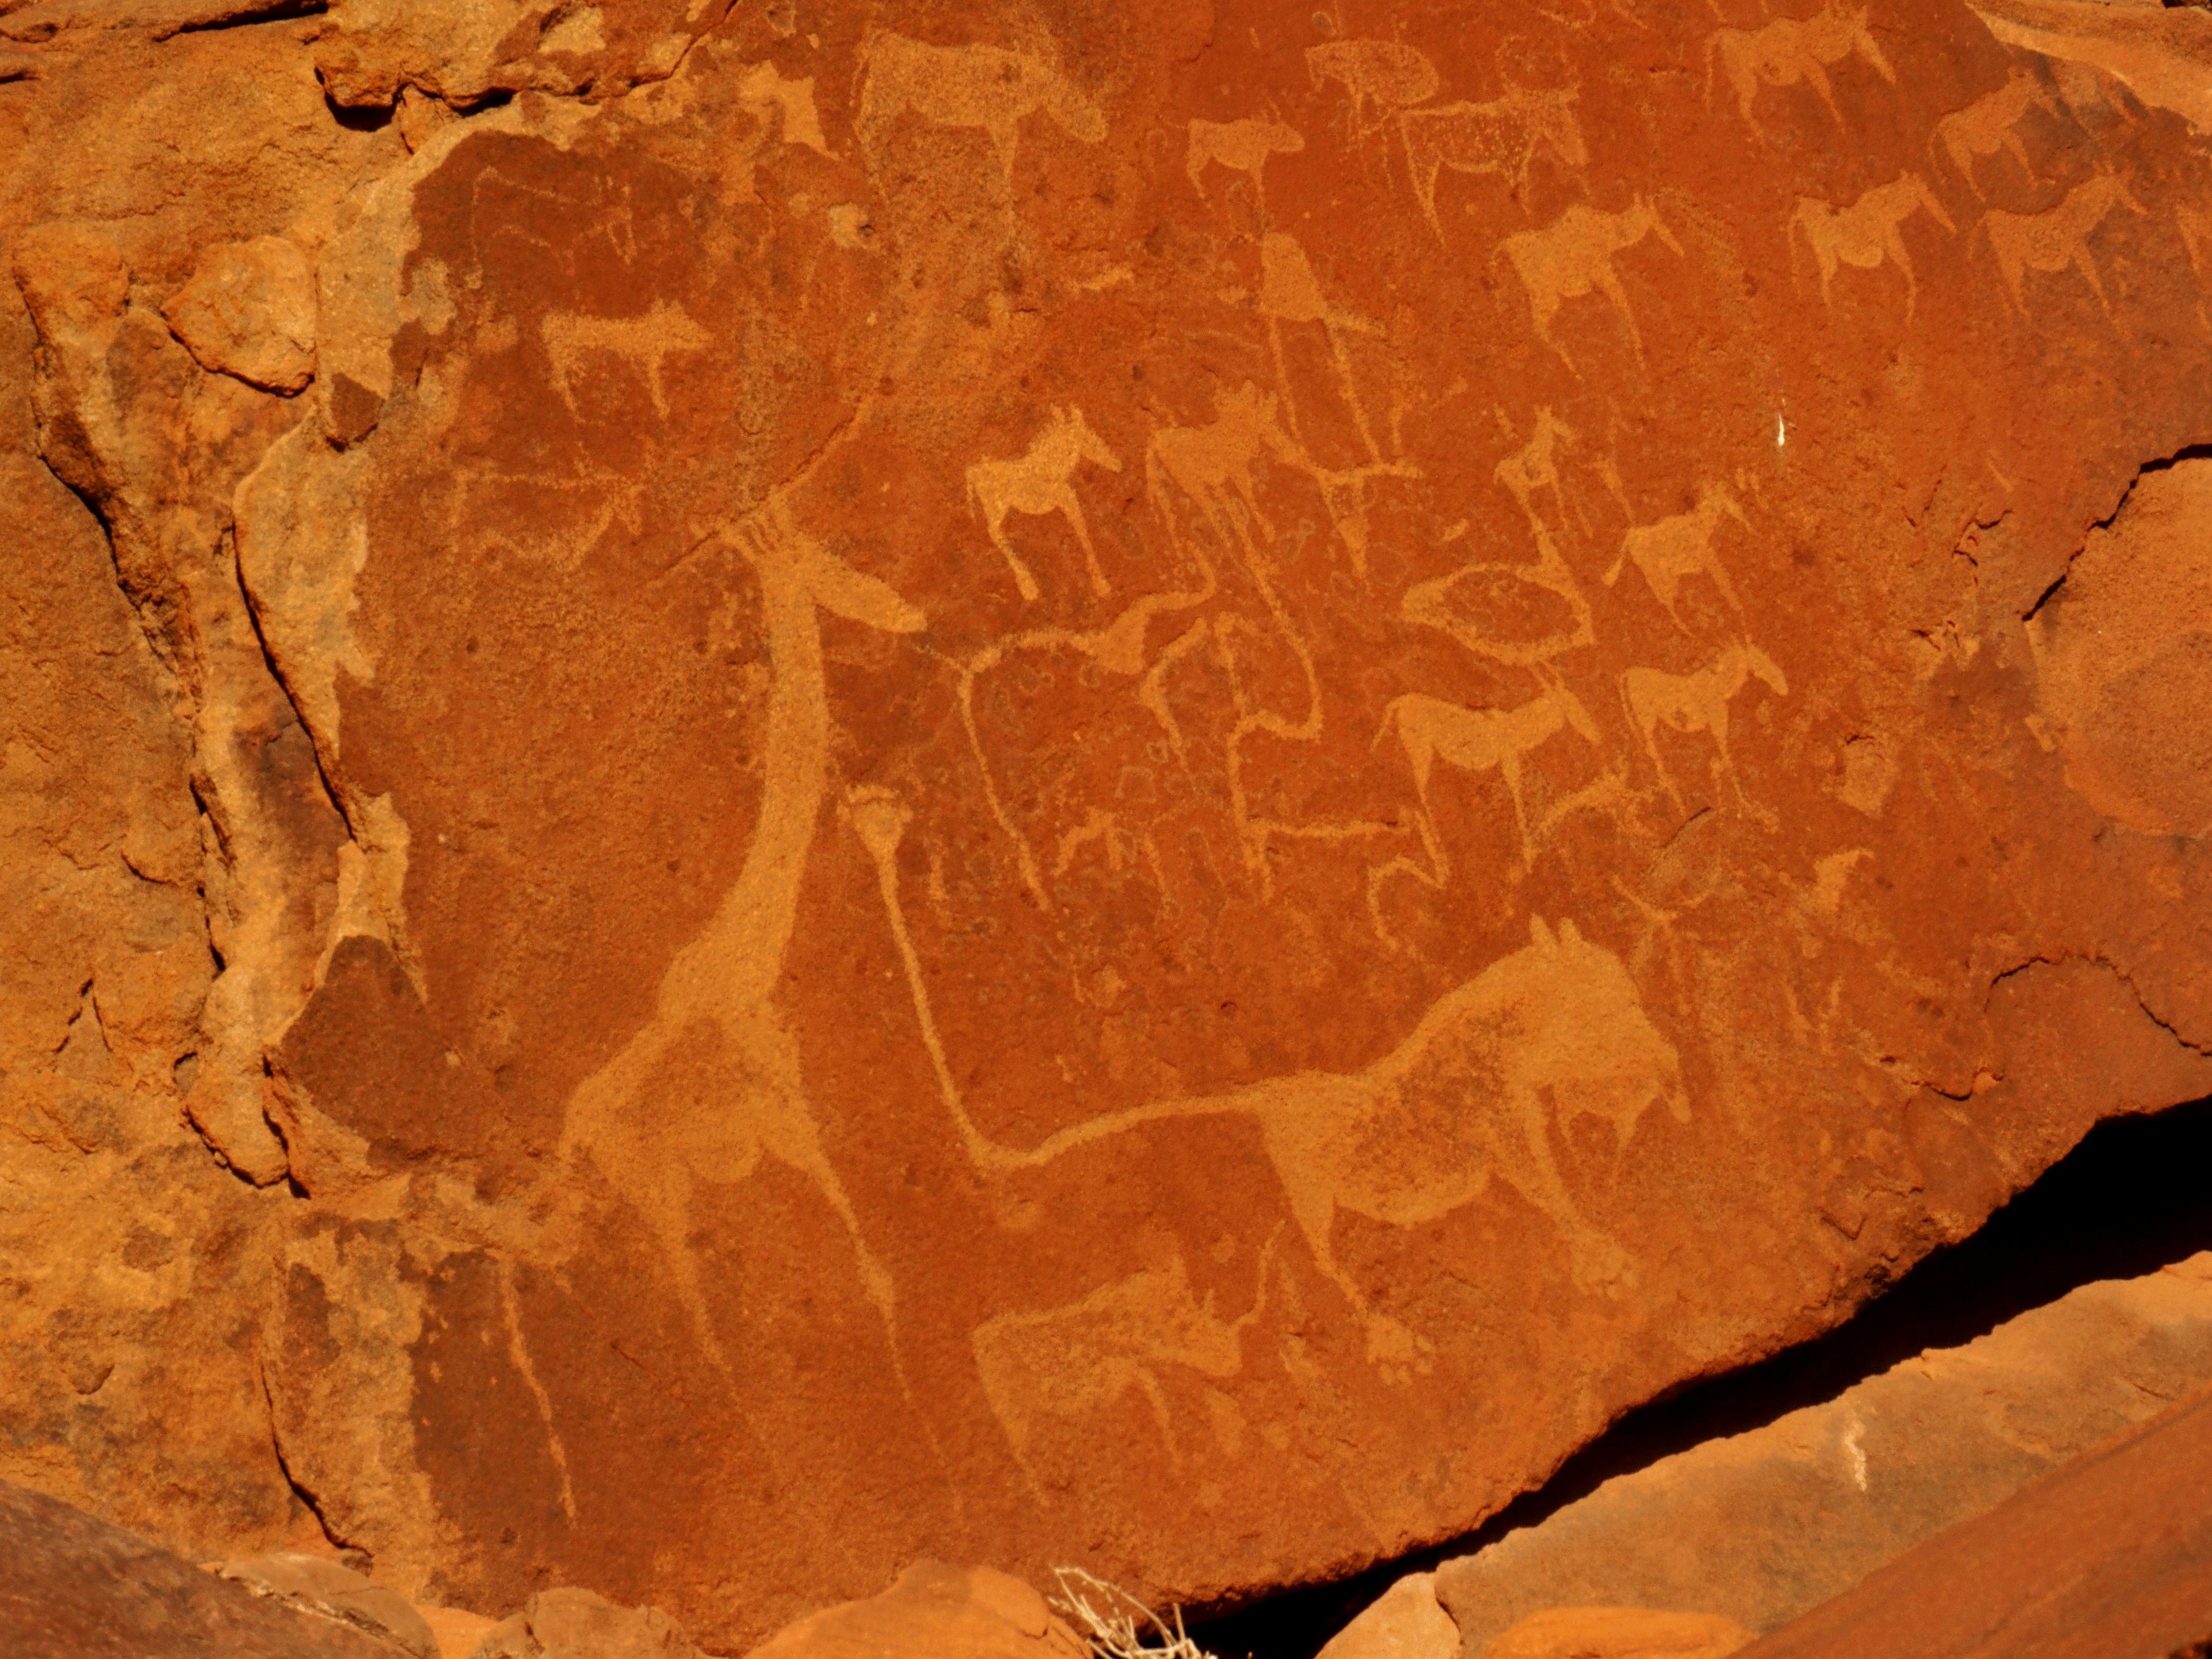 Los increíbles petroglifos de Namibia